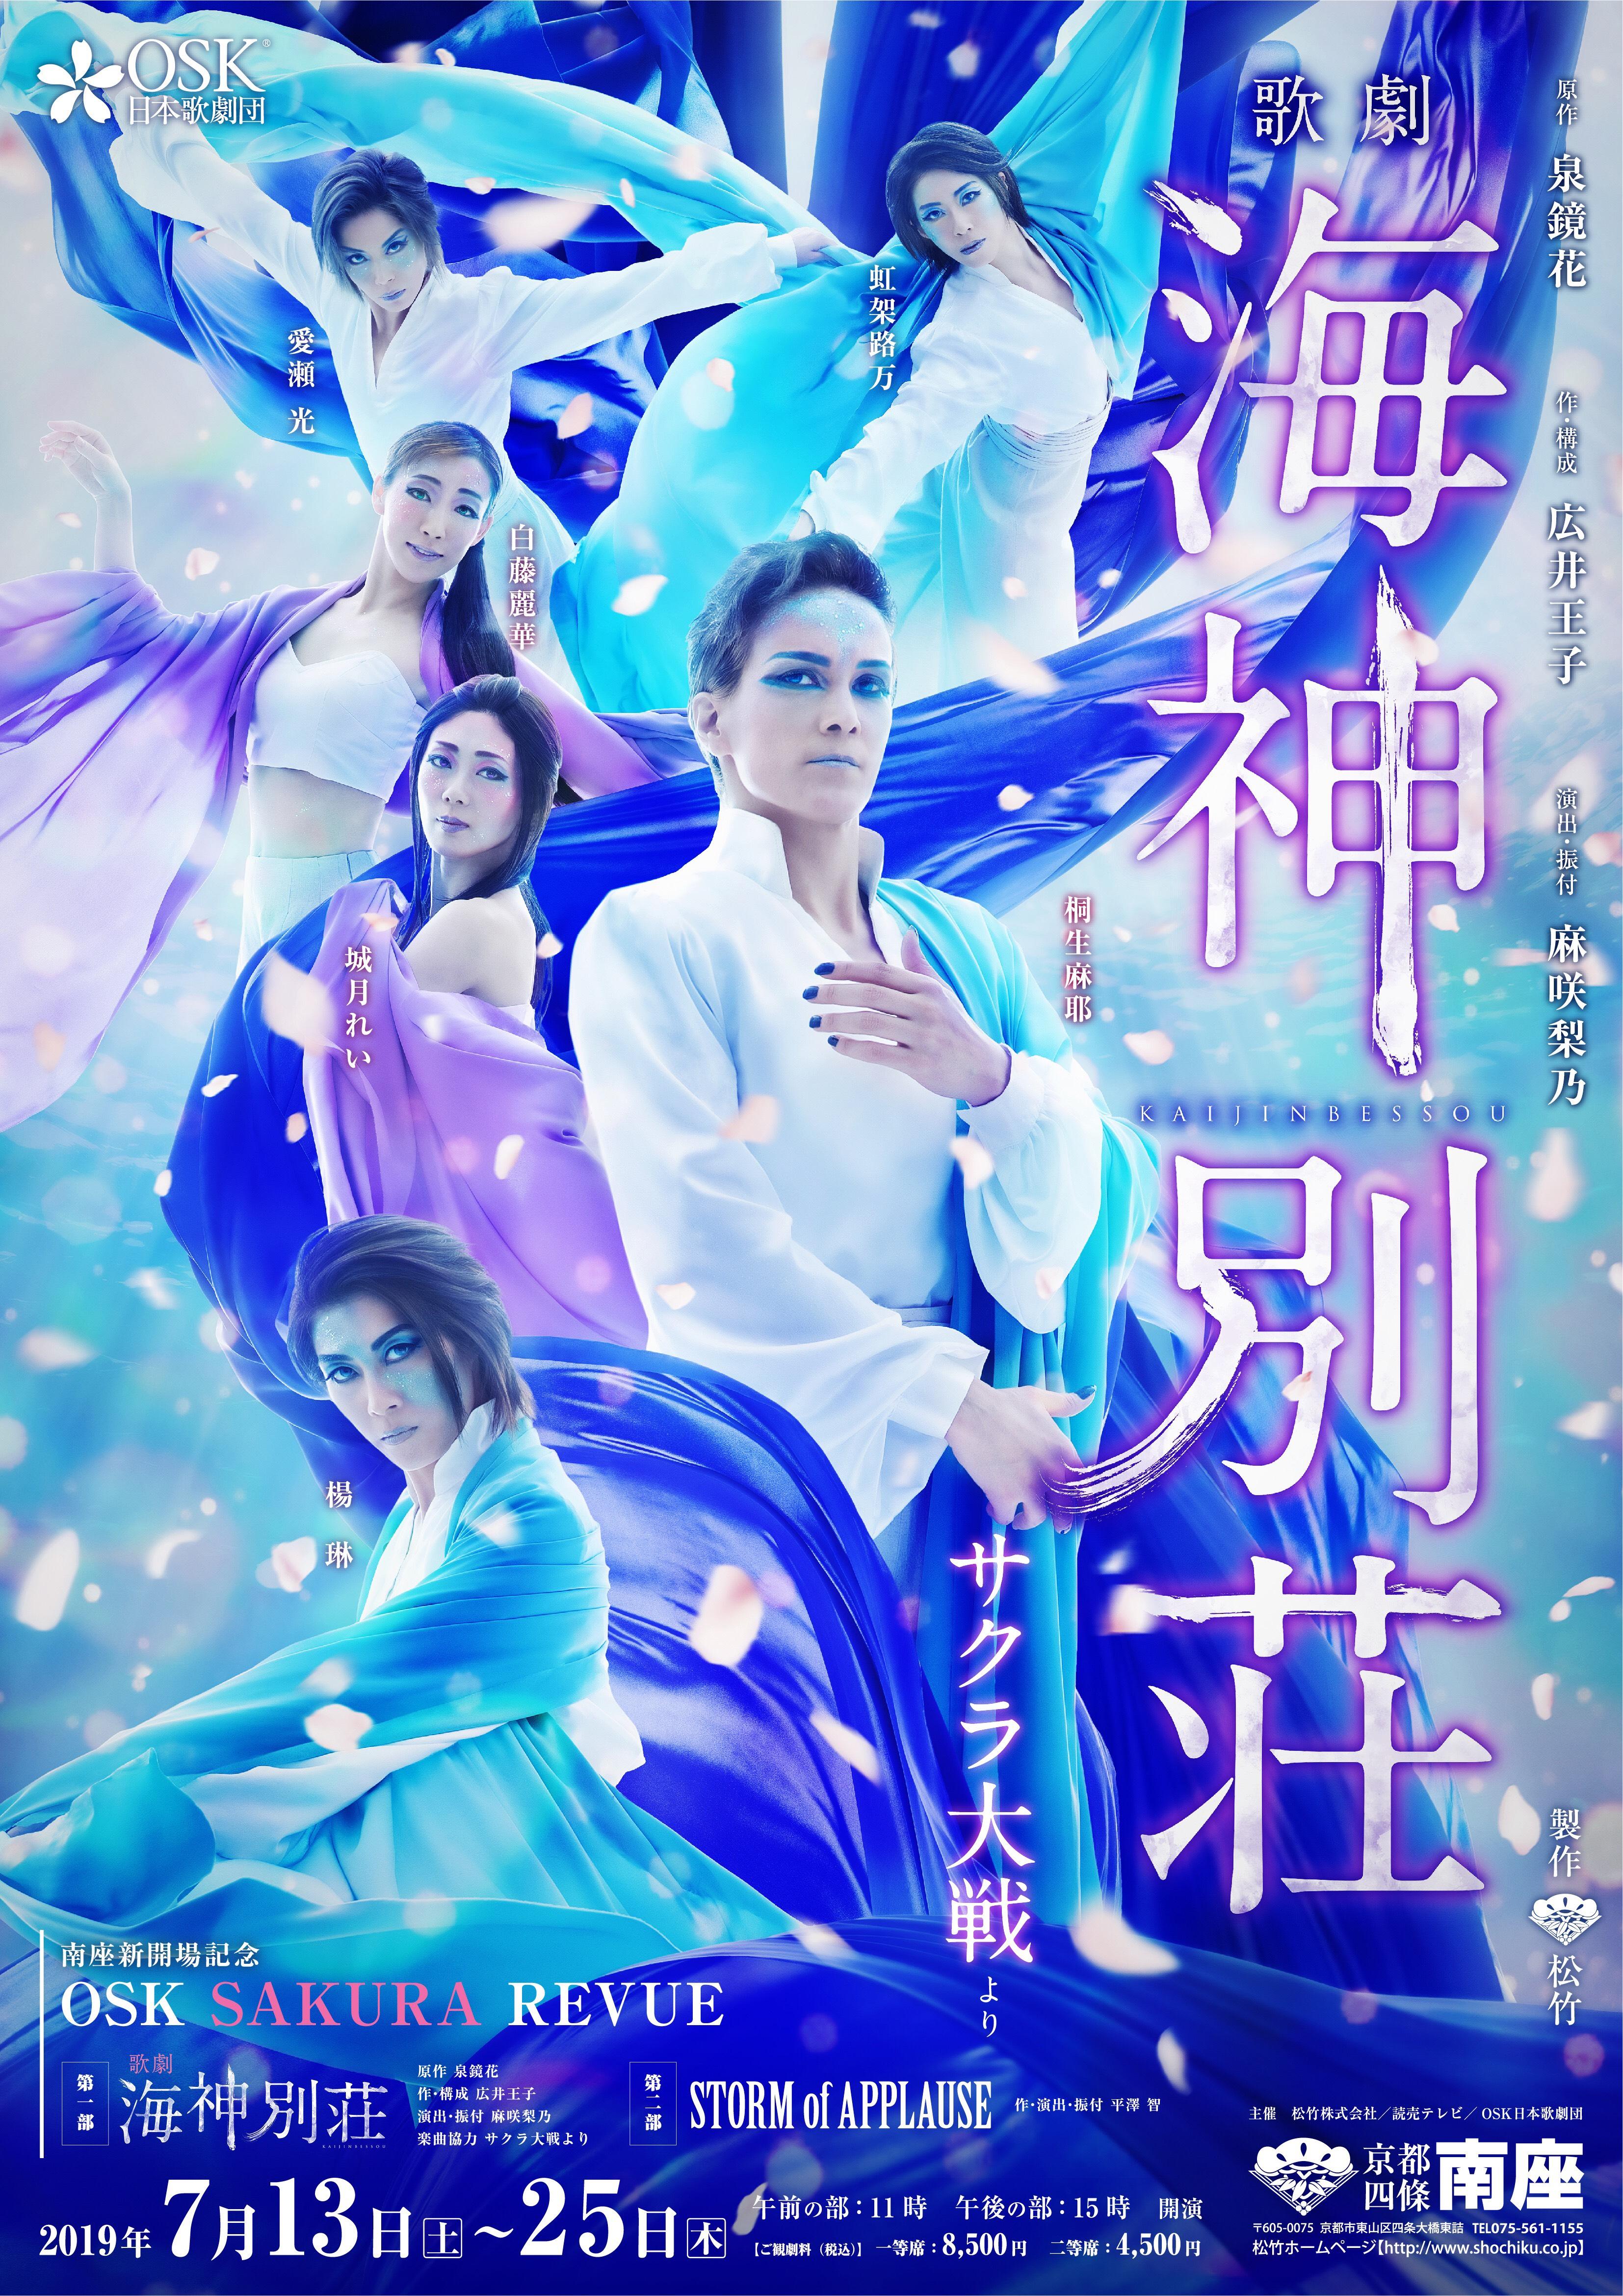 歌 劇団 日本 osk